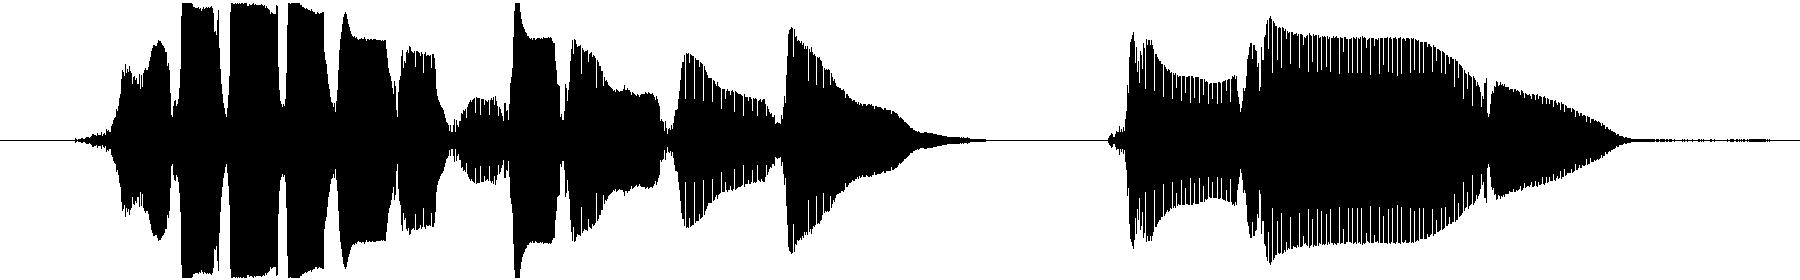 saxsolob 2